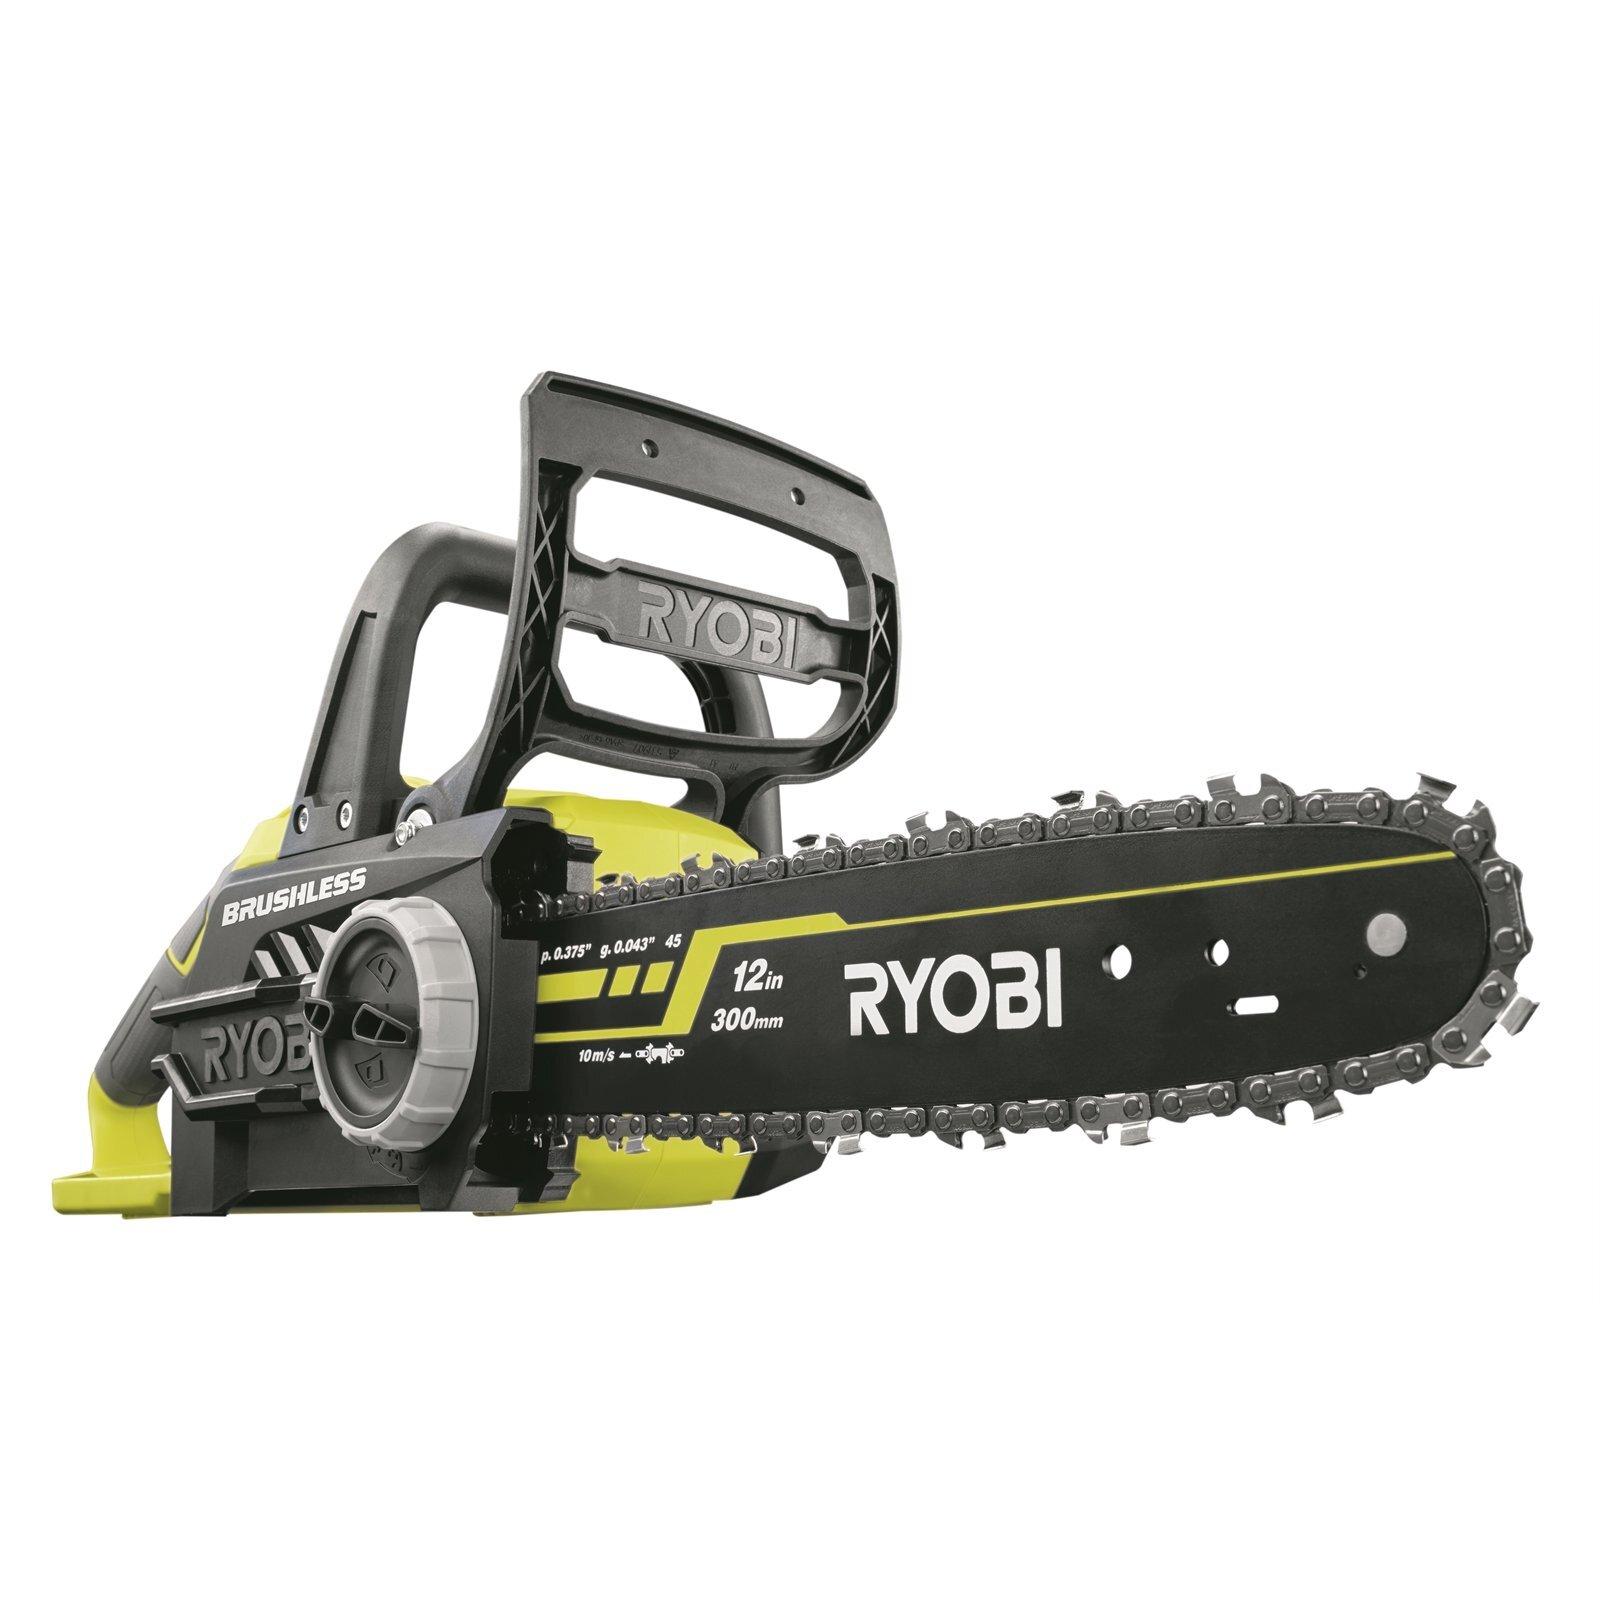 Ryobi 18V ONE+ 30cm Brushless Chainsaw Skin